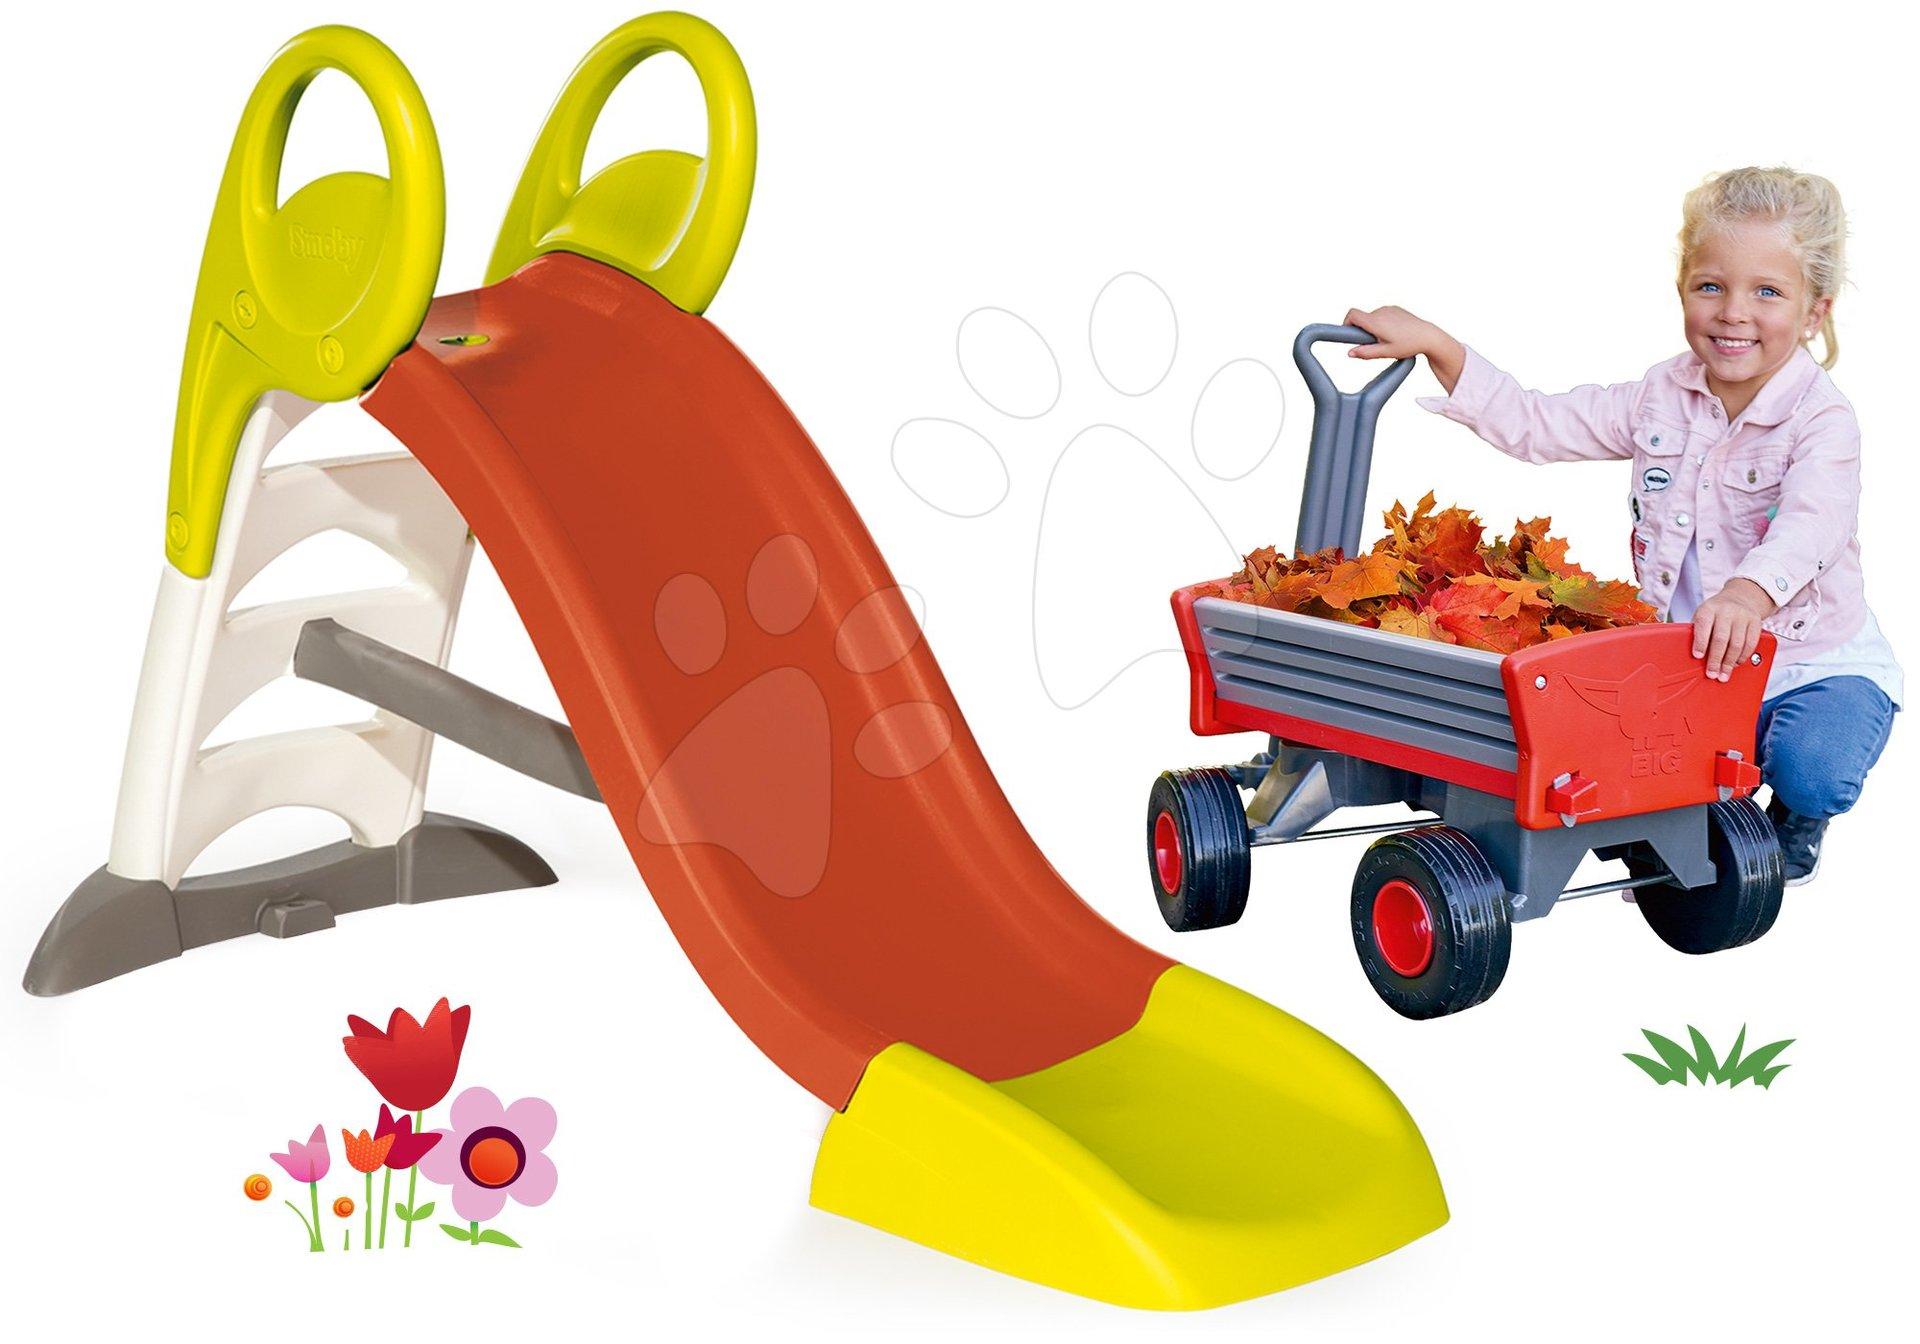 Set skluzavka Toboggan KS Smoby s délkou150 cm a zahradní vozík Peppy s otočnými koly